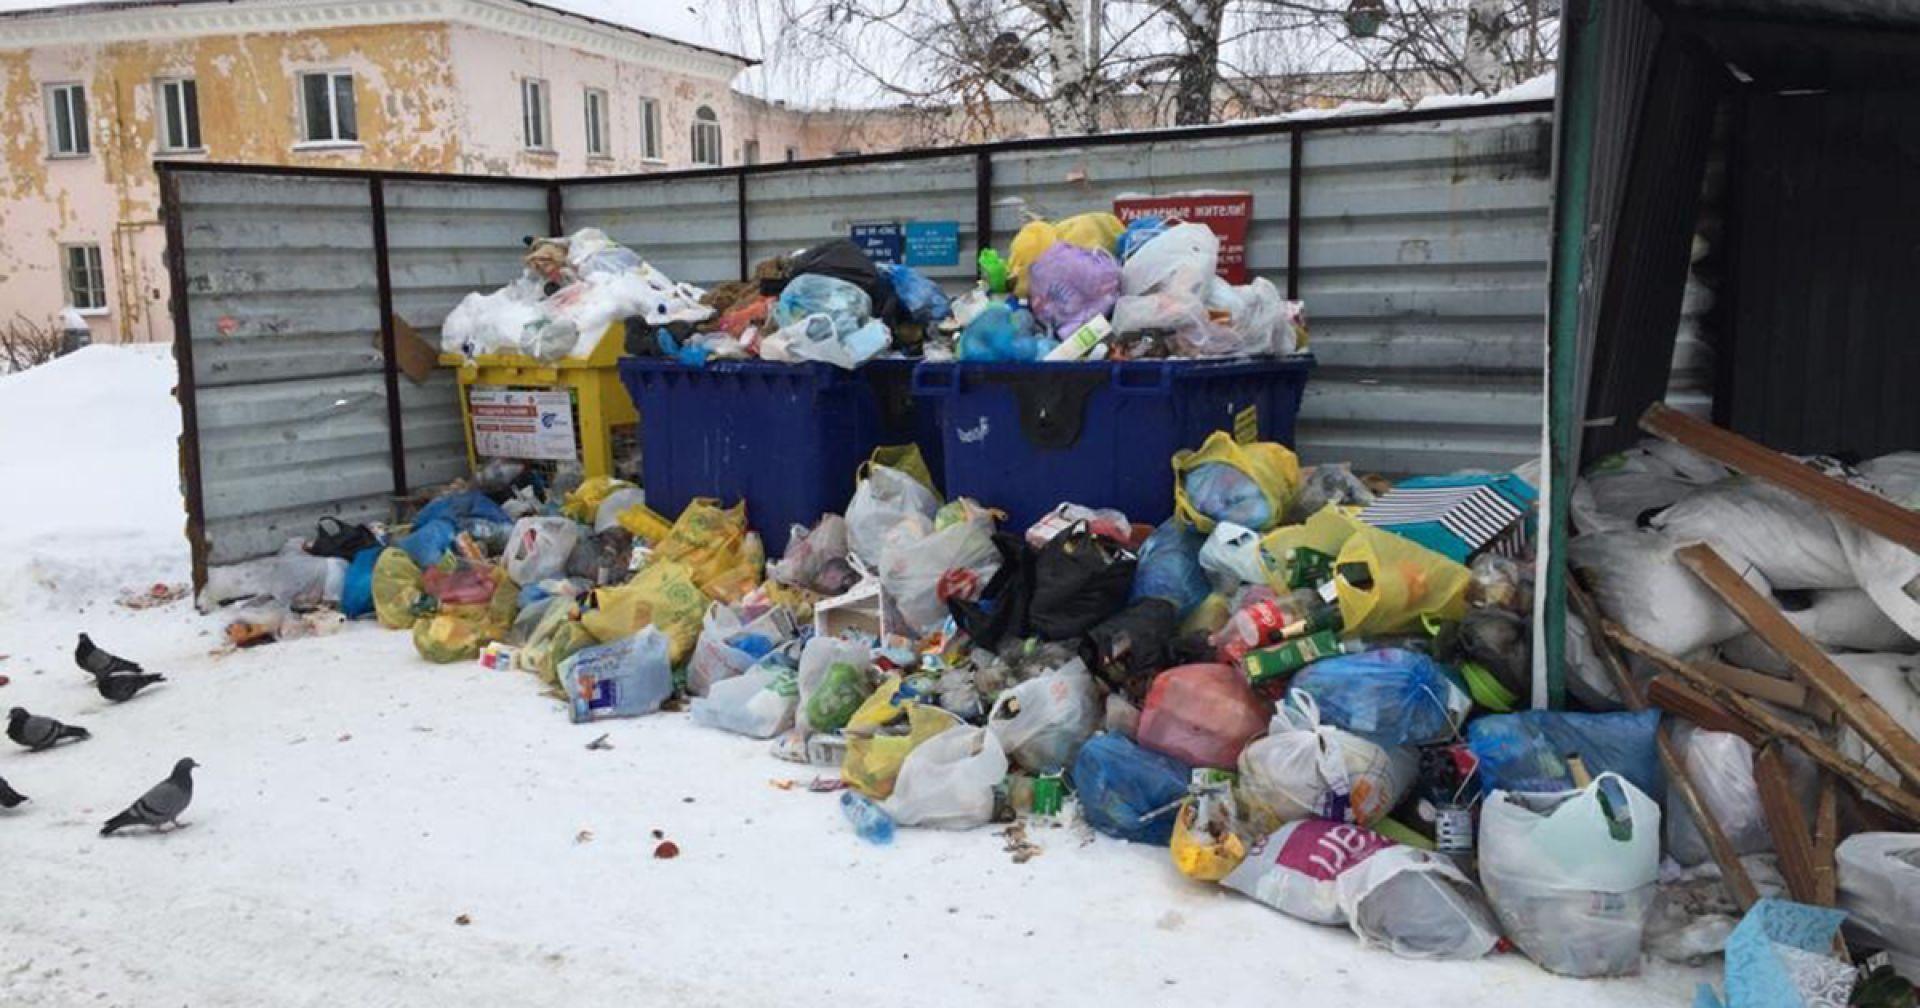 Мэр объяснил мусорный коллапс в новогодние выходные в Новосибирске